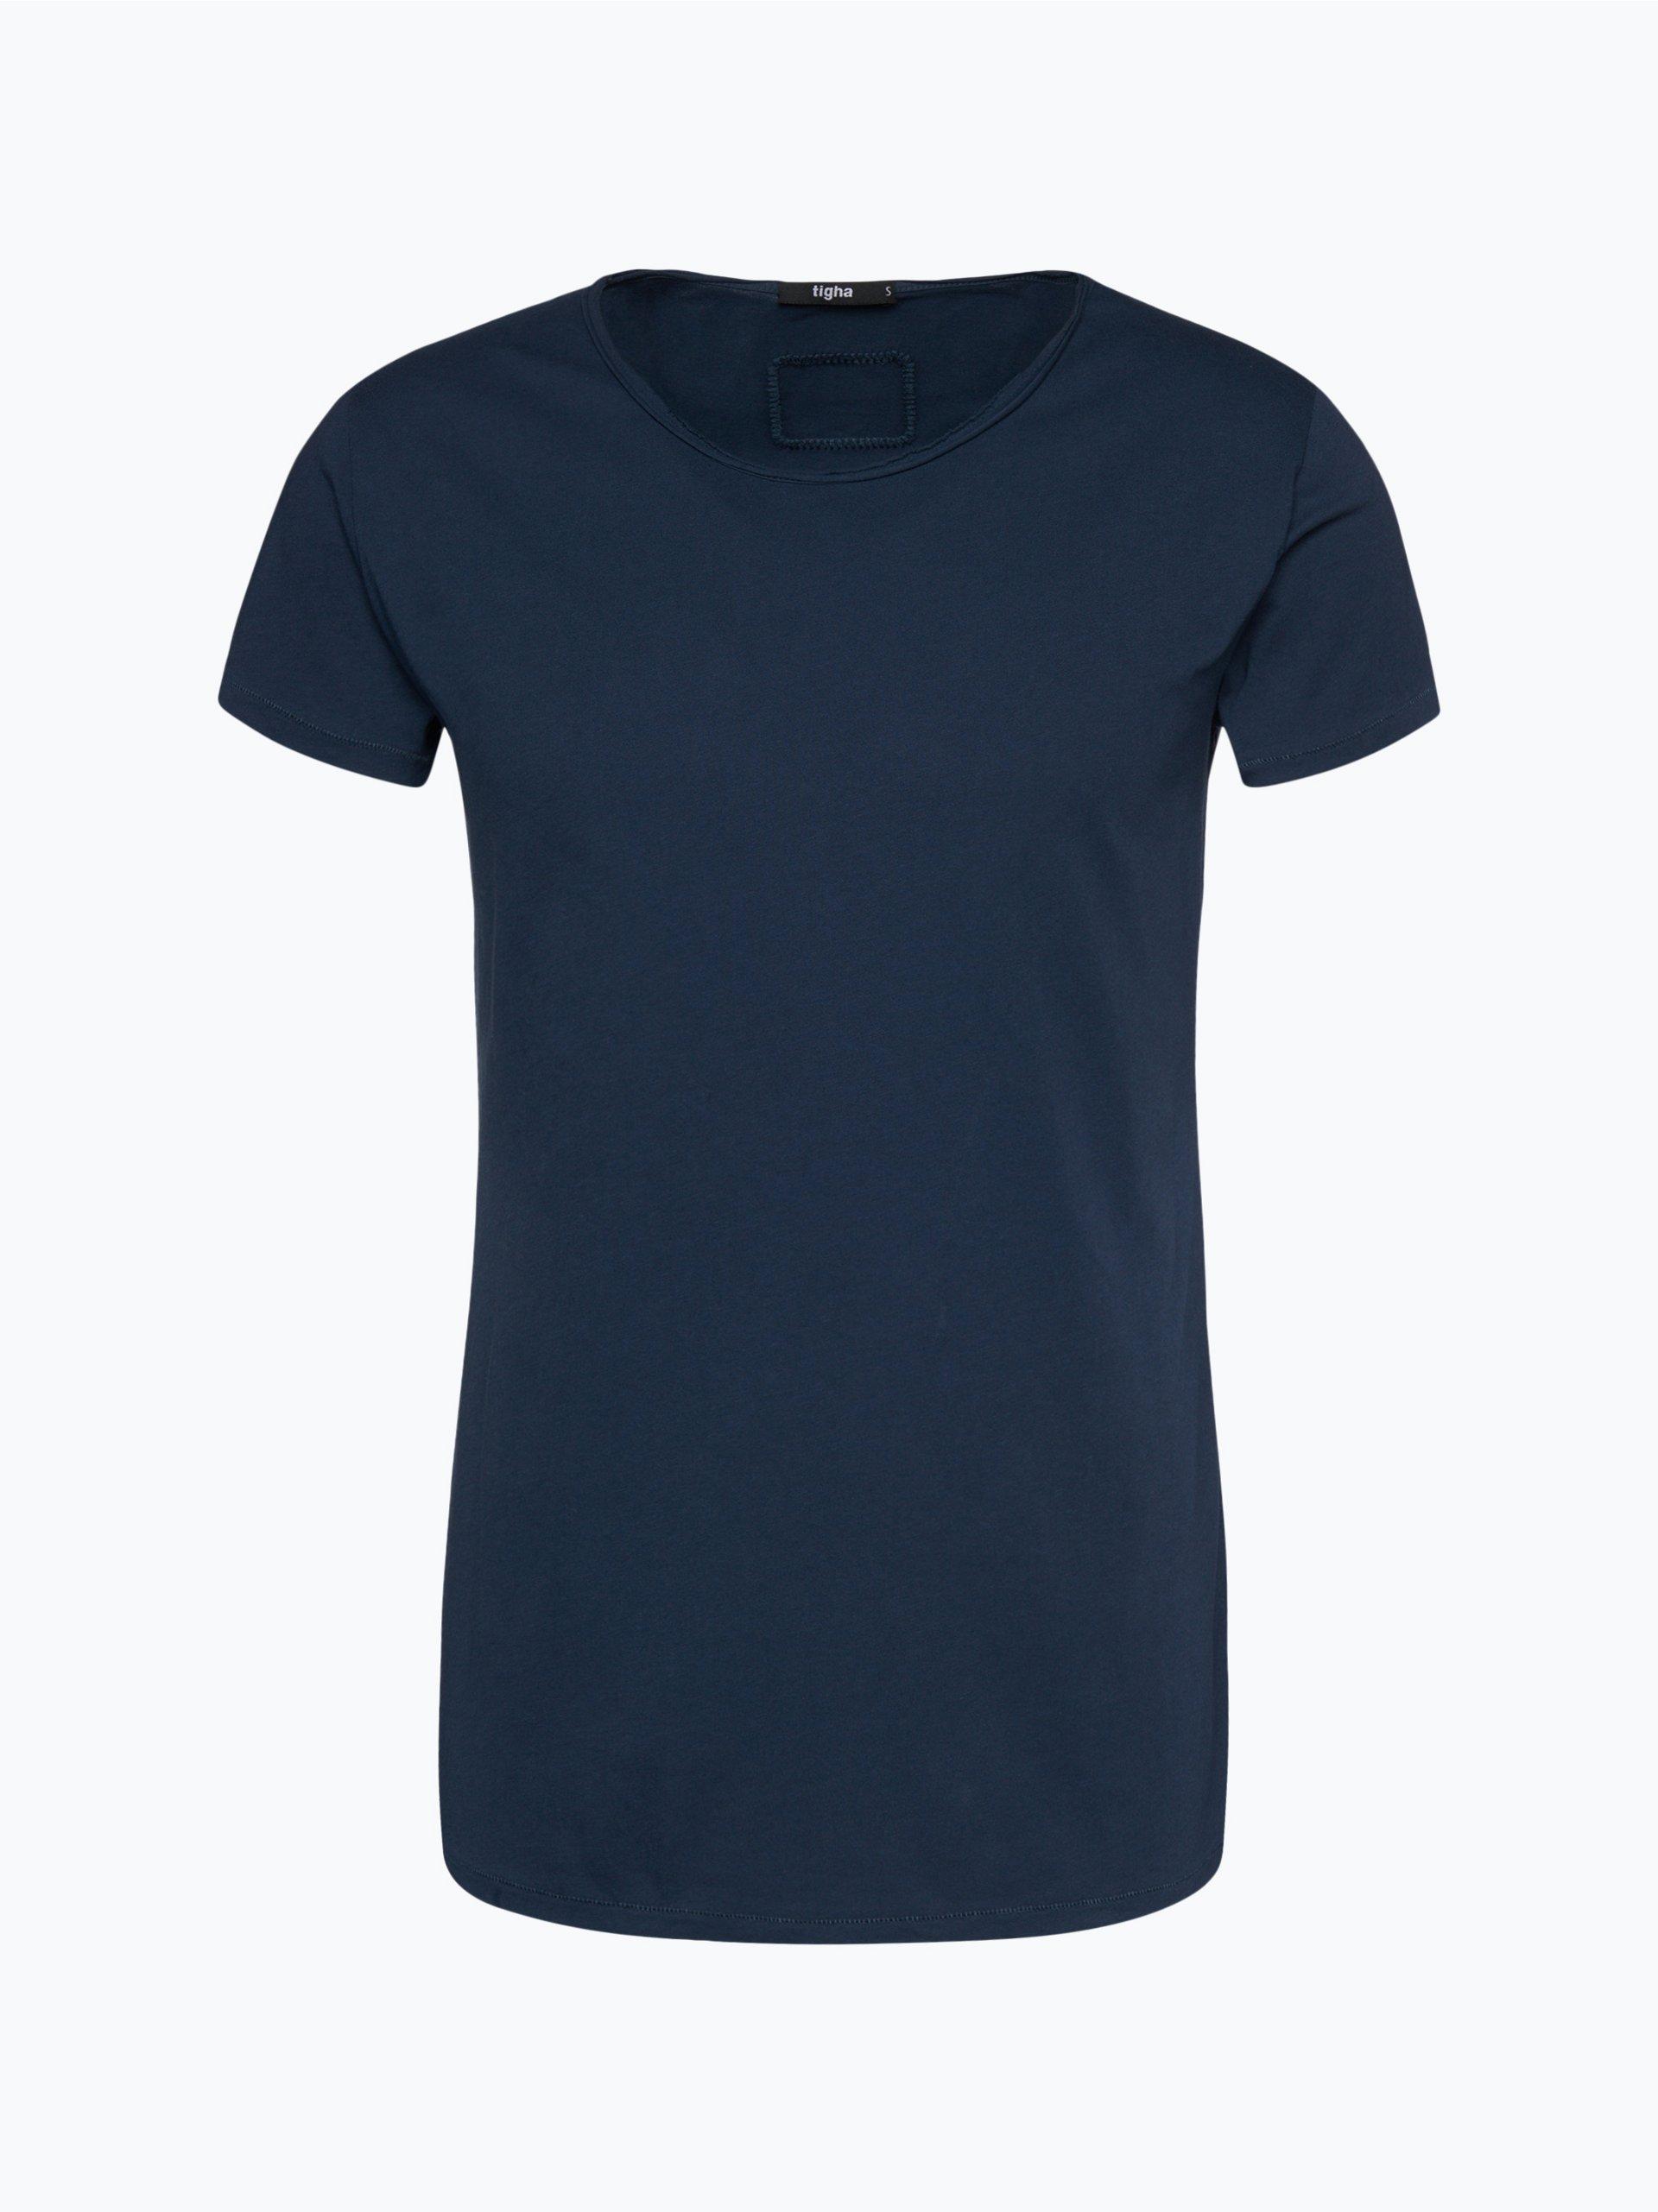 Tigha Herren T-Shirt - Wren